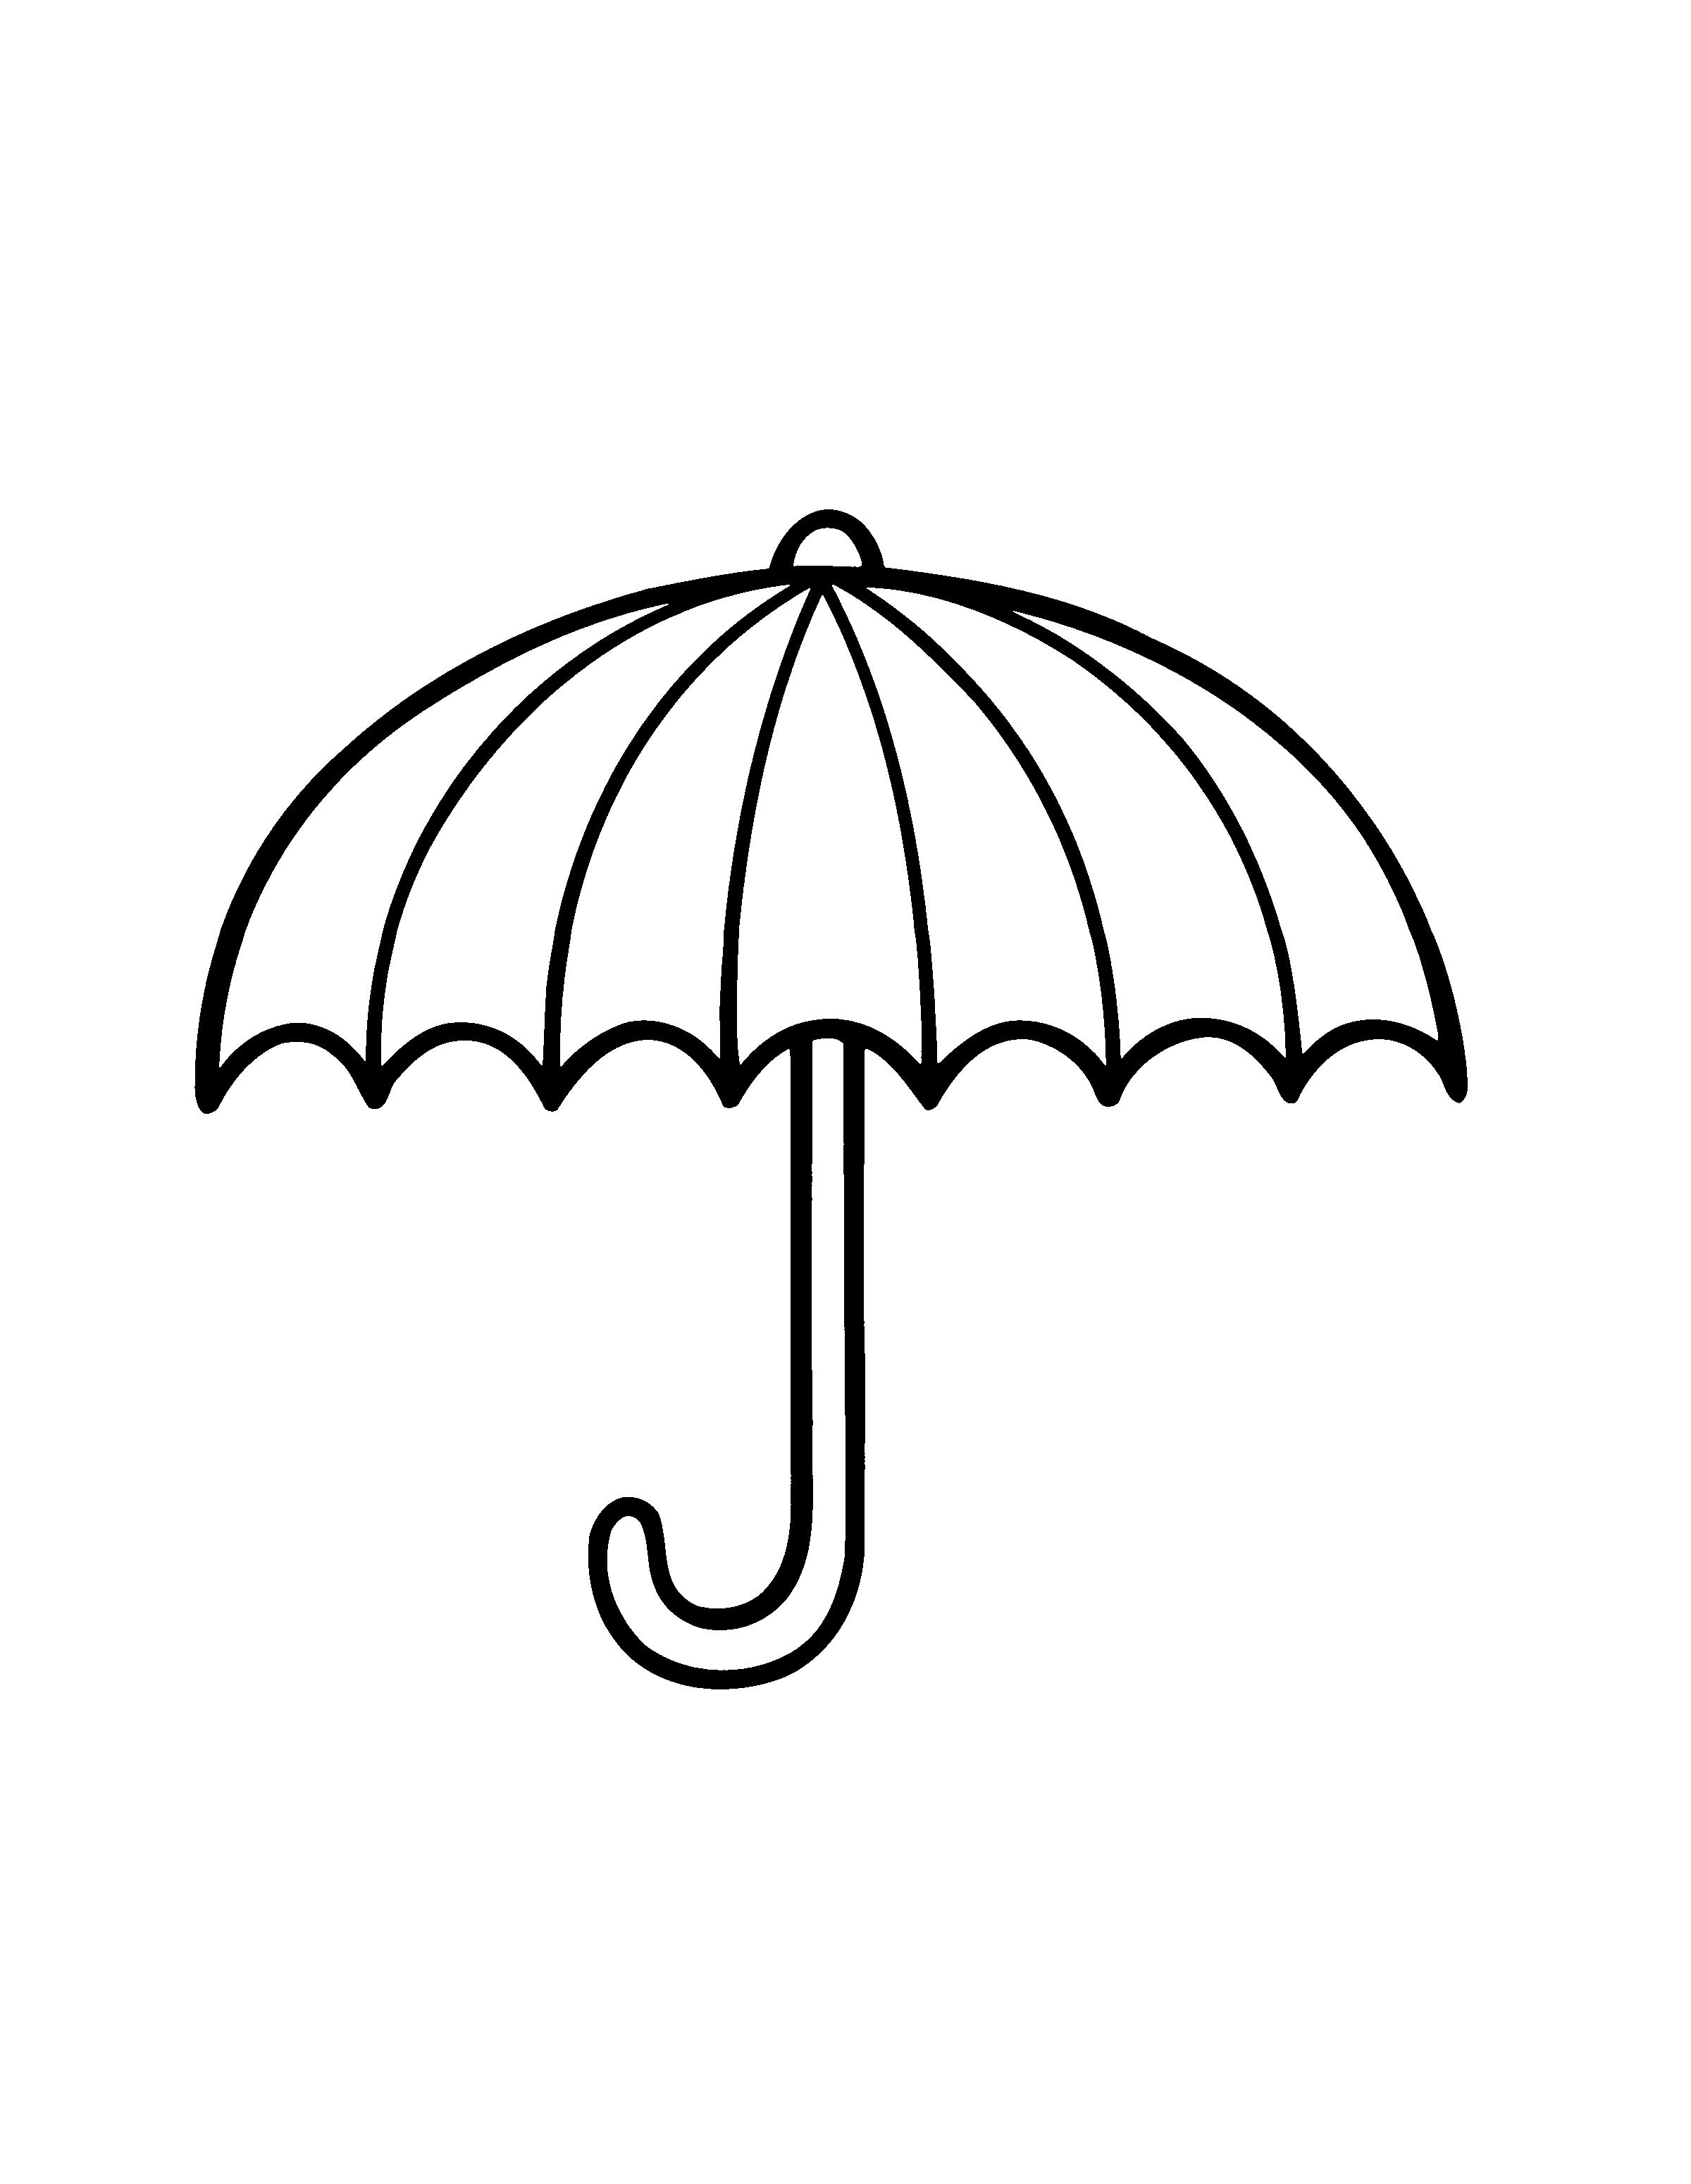 kleurplaat paraplu - Google zoeken   regen-paraplu   Pinterest